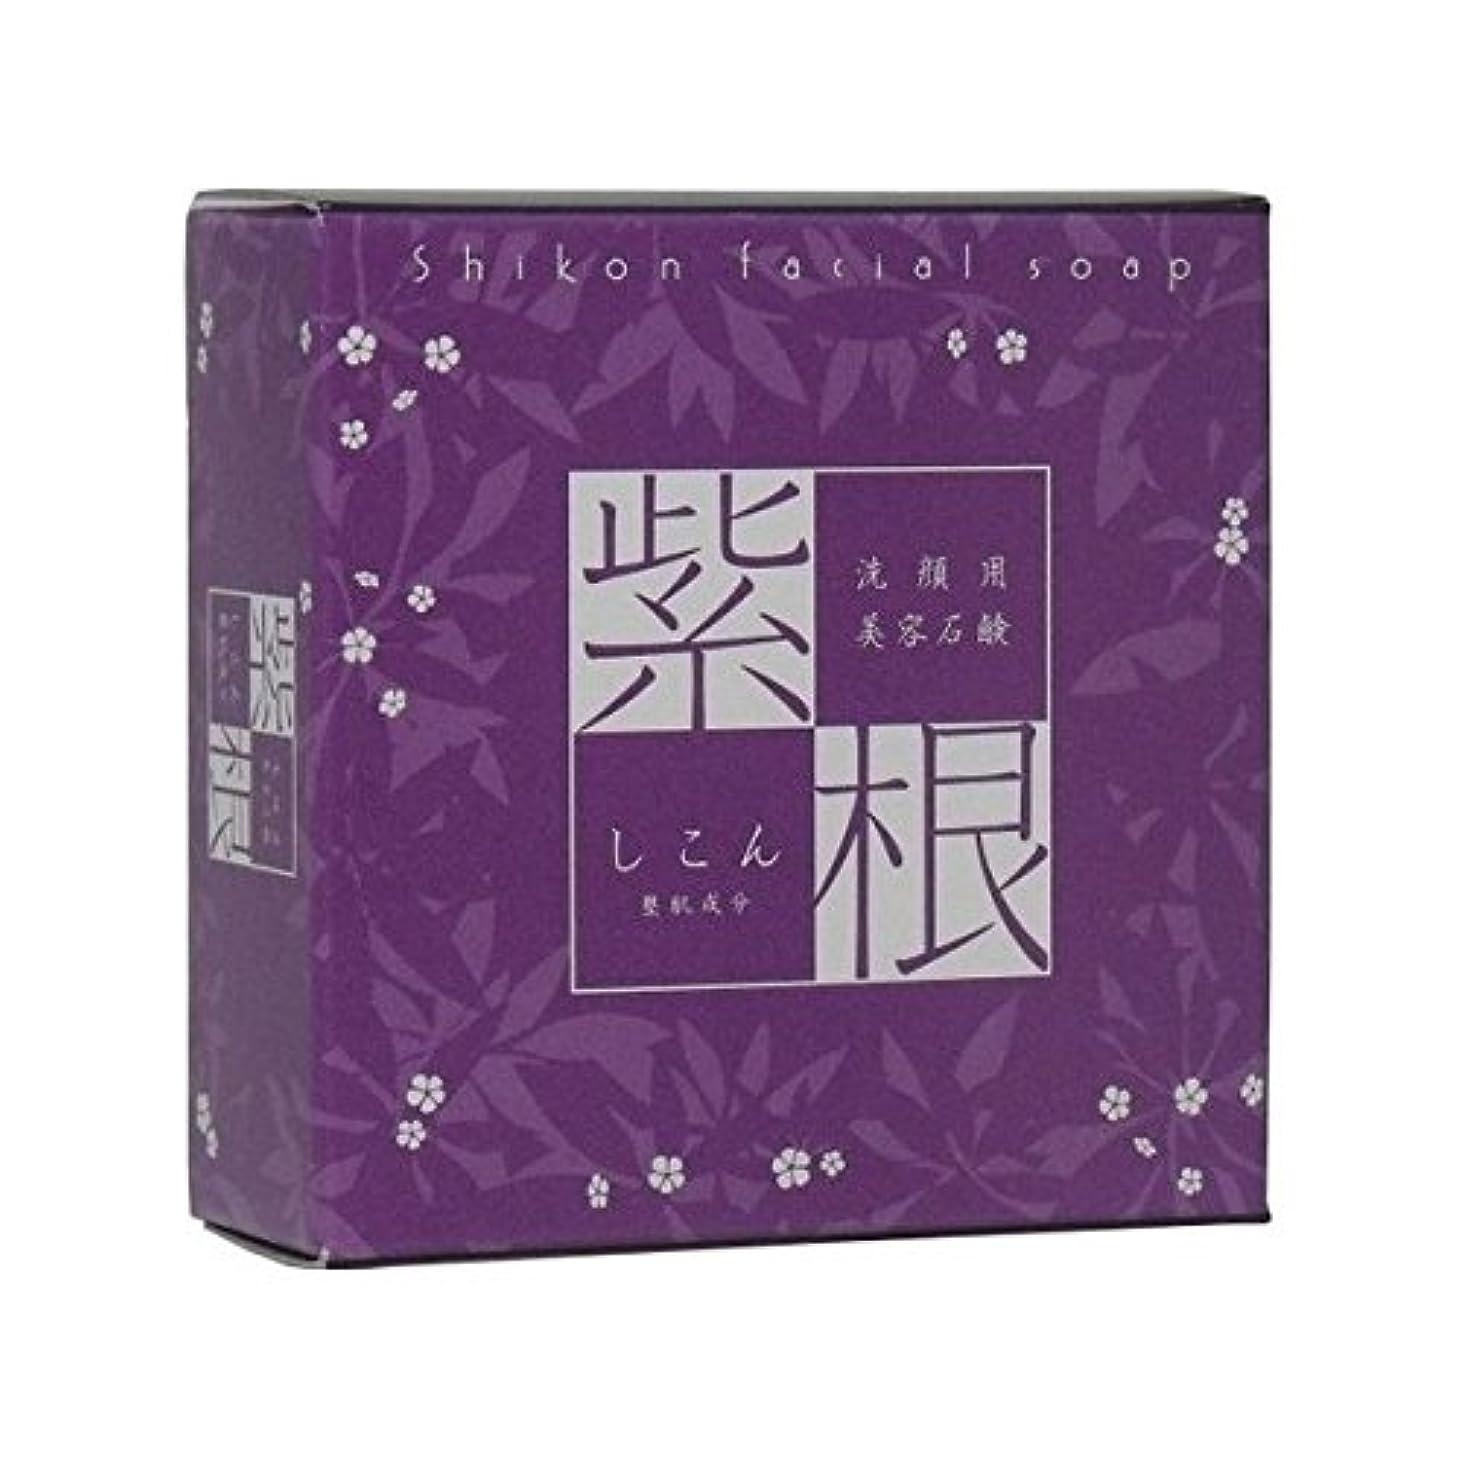 クスコ汚す謎紫根石鹸110g(オリジナル泡立てネット付き)3個セット【魔女たちの22時で話題!】